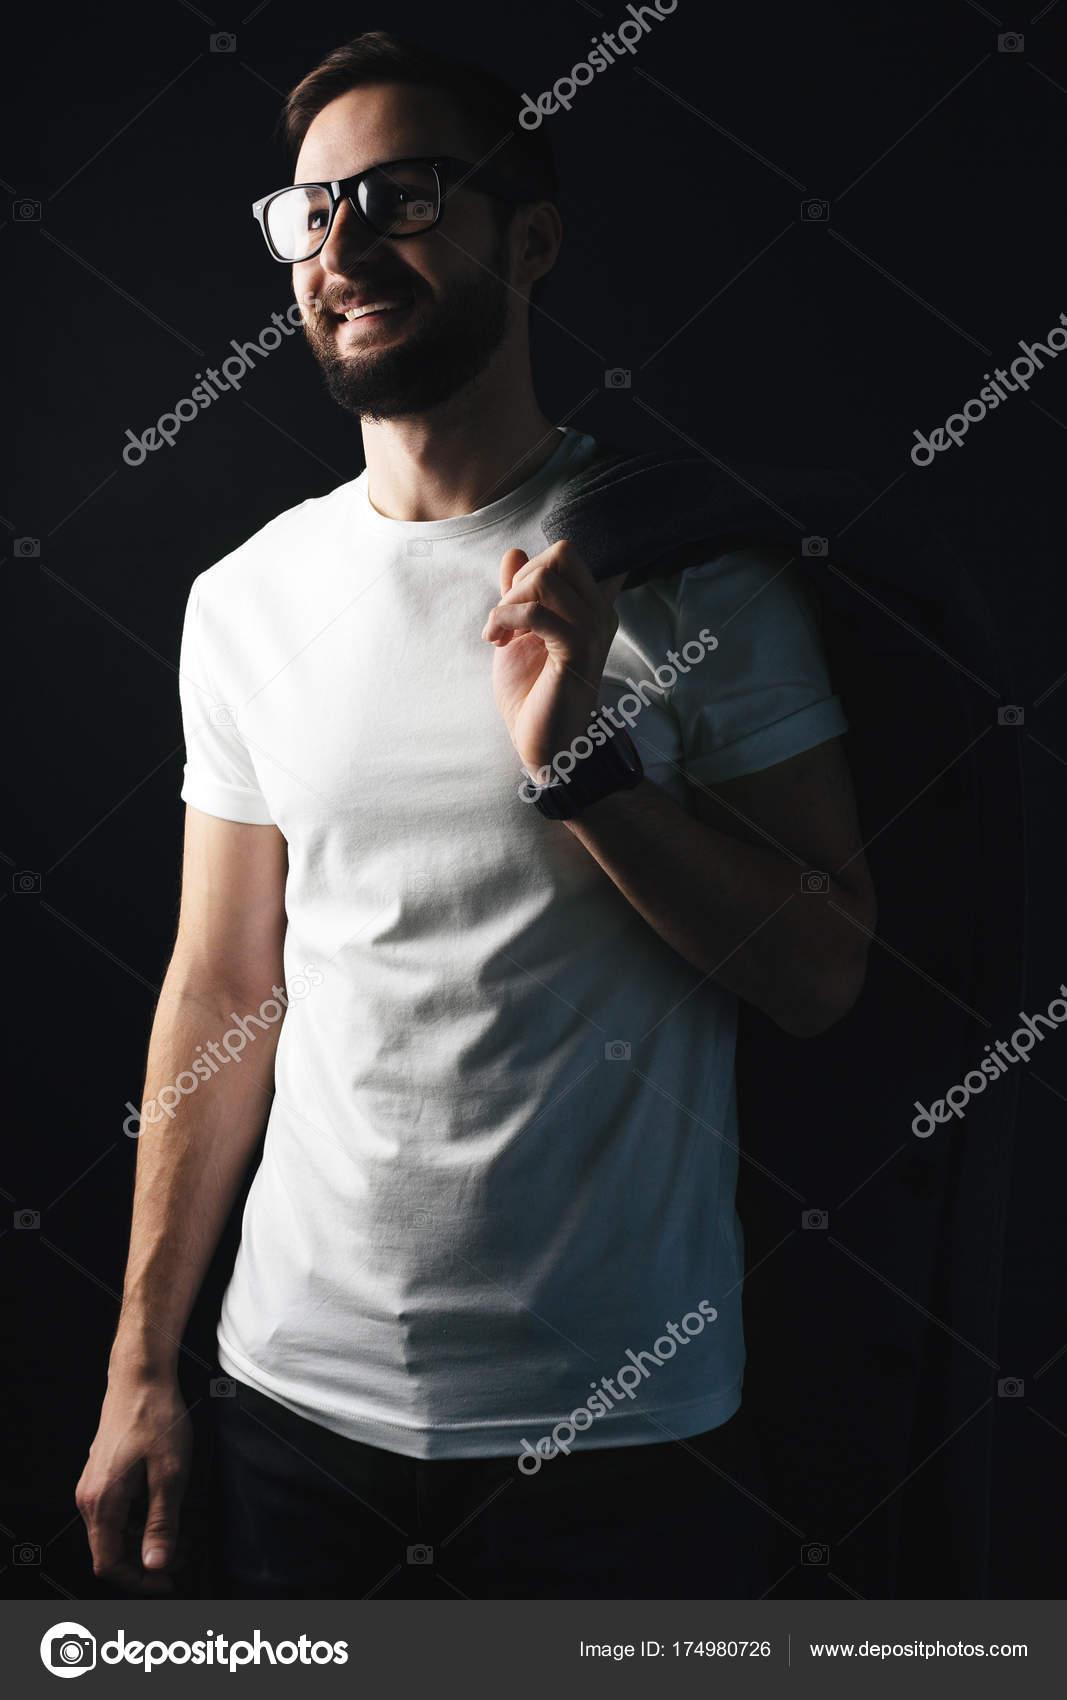 8226d07c33928 Camiseta blanca en blanco en el joven musculoso con barba y gafas claro.  Hipster con escudo en hombro posando en el vacío de la camiseta– Imagen de  Archivo